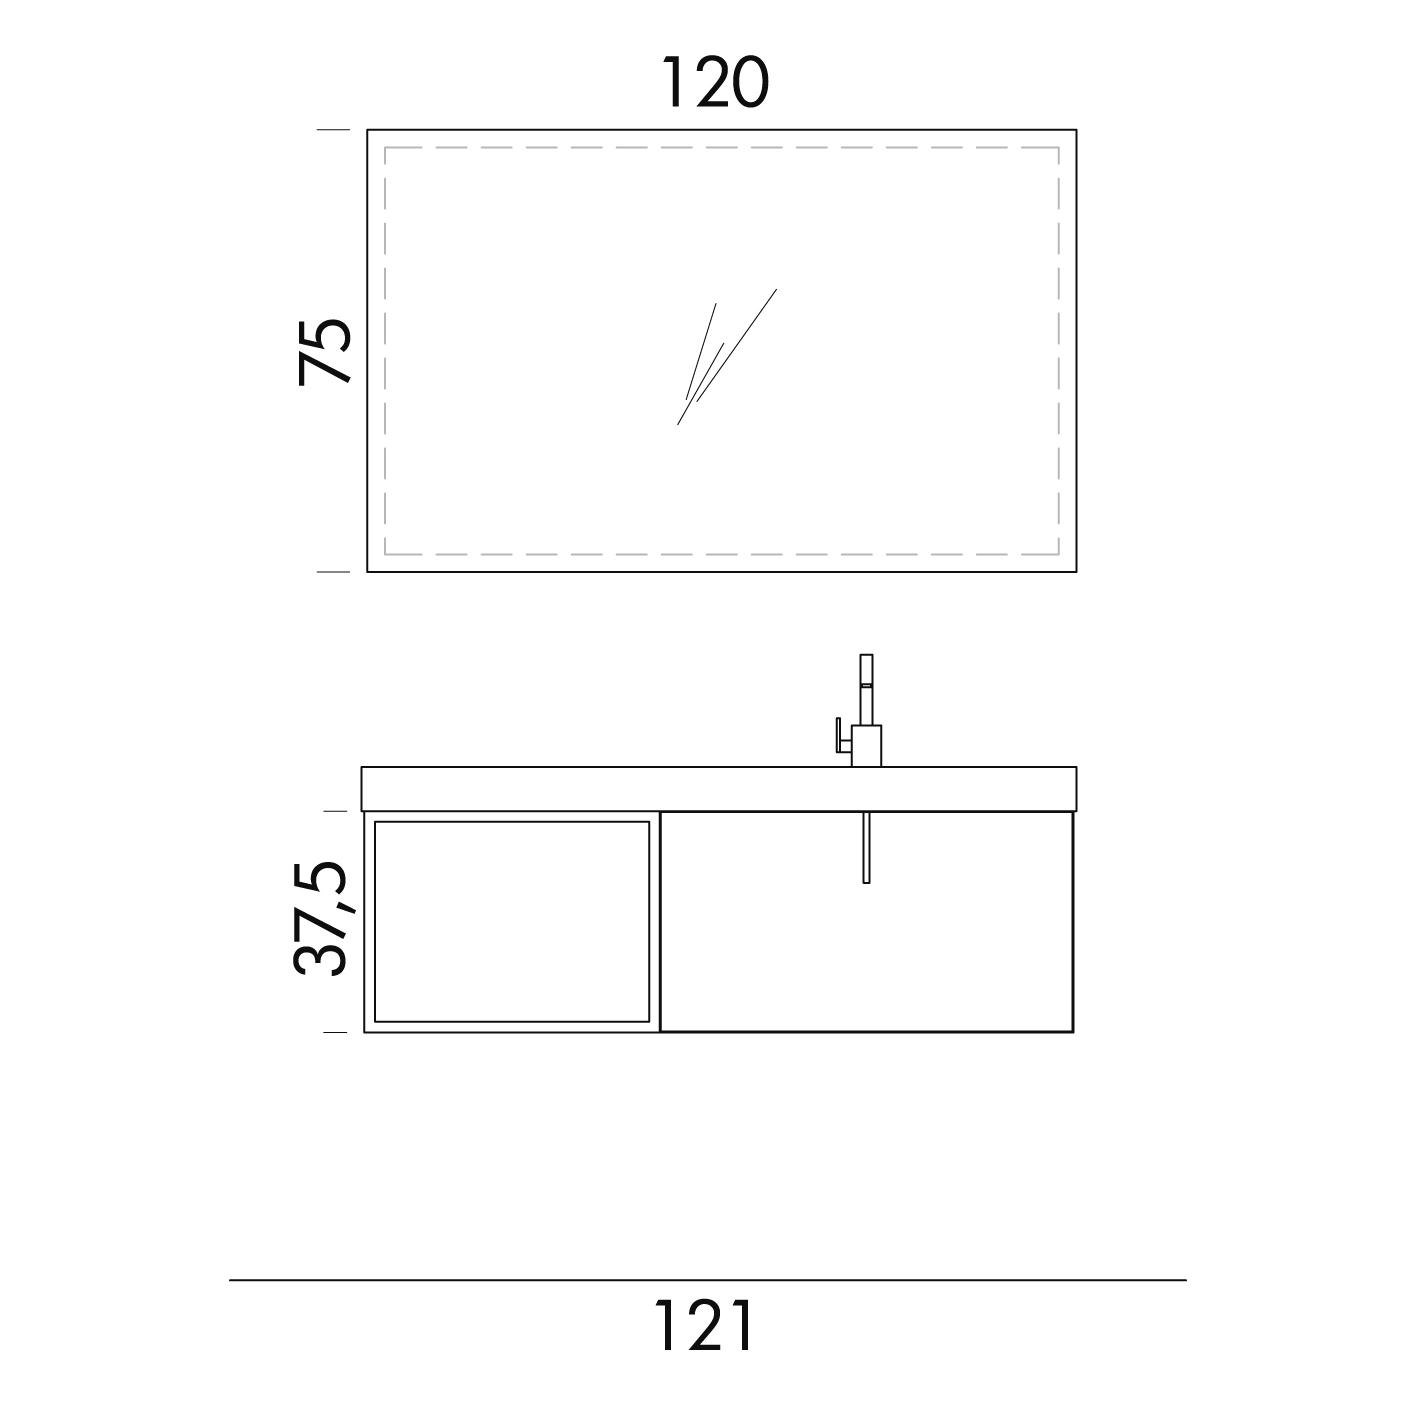 b201 67 life - mobile arredo bagno design l 121 x p 40 cm ... - Arredo Bagno Misure